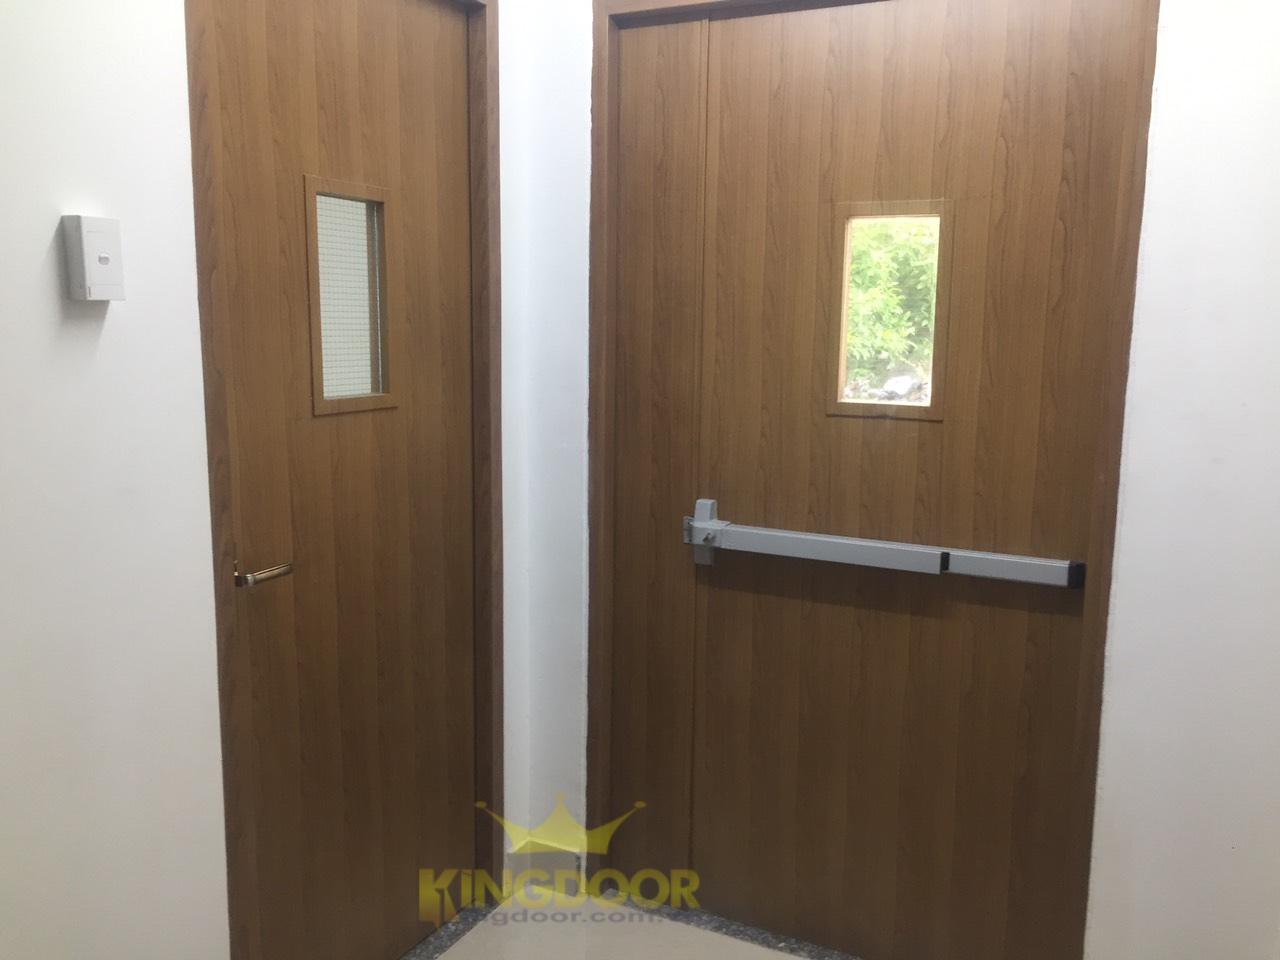 Giá cửa gỗ chống cháy tại Nha Trang - Cửa thoát hiểm KINGDOOR - 5